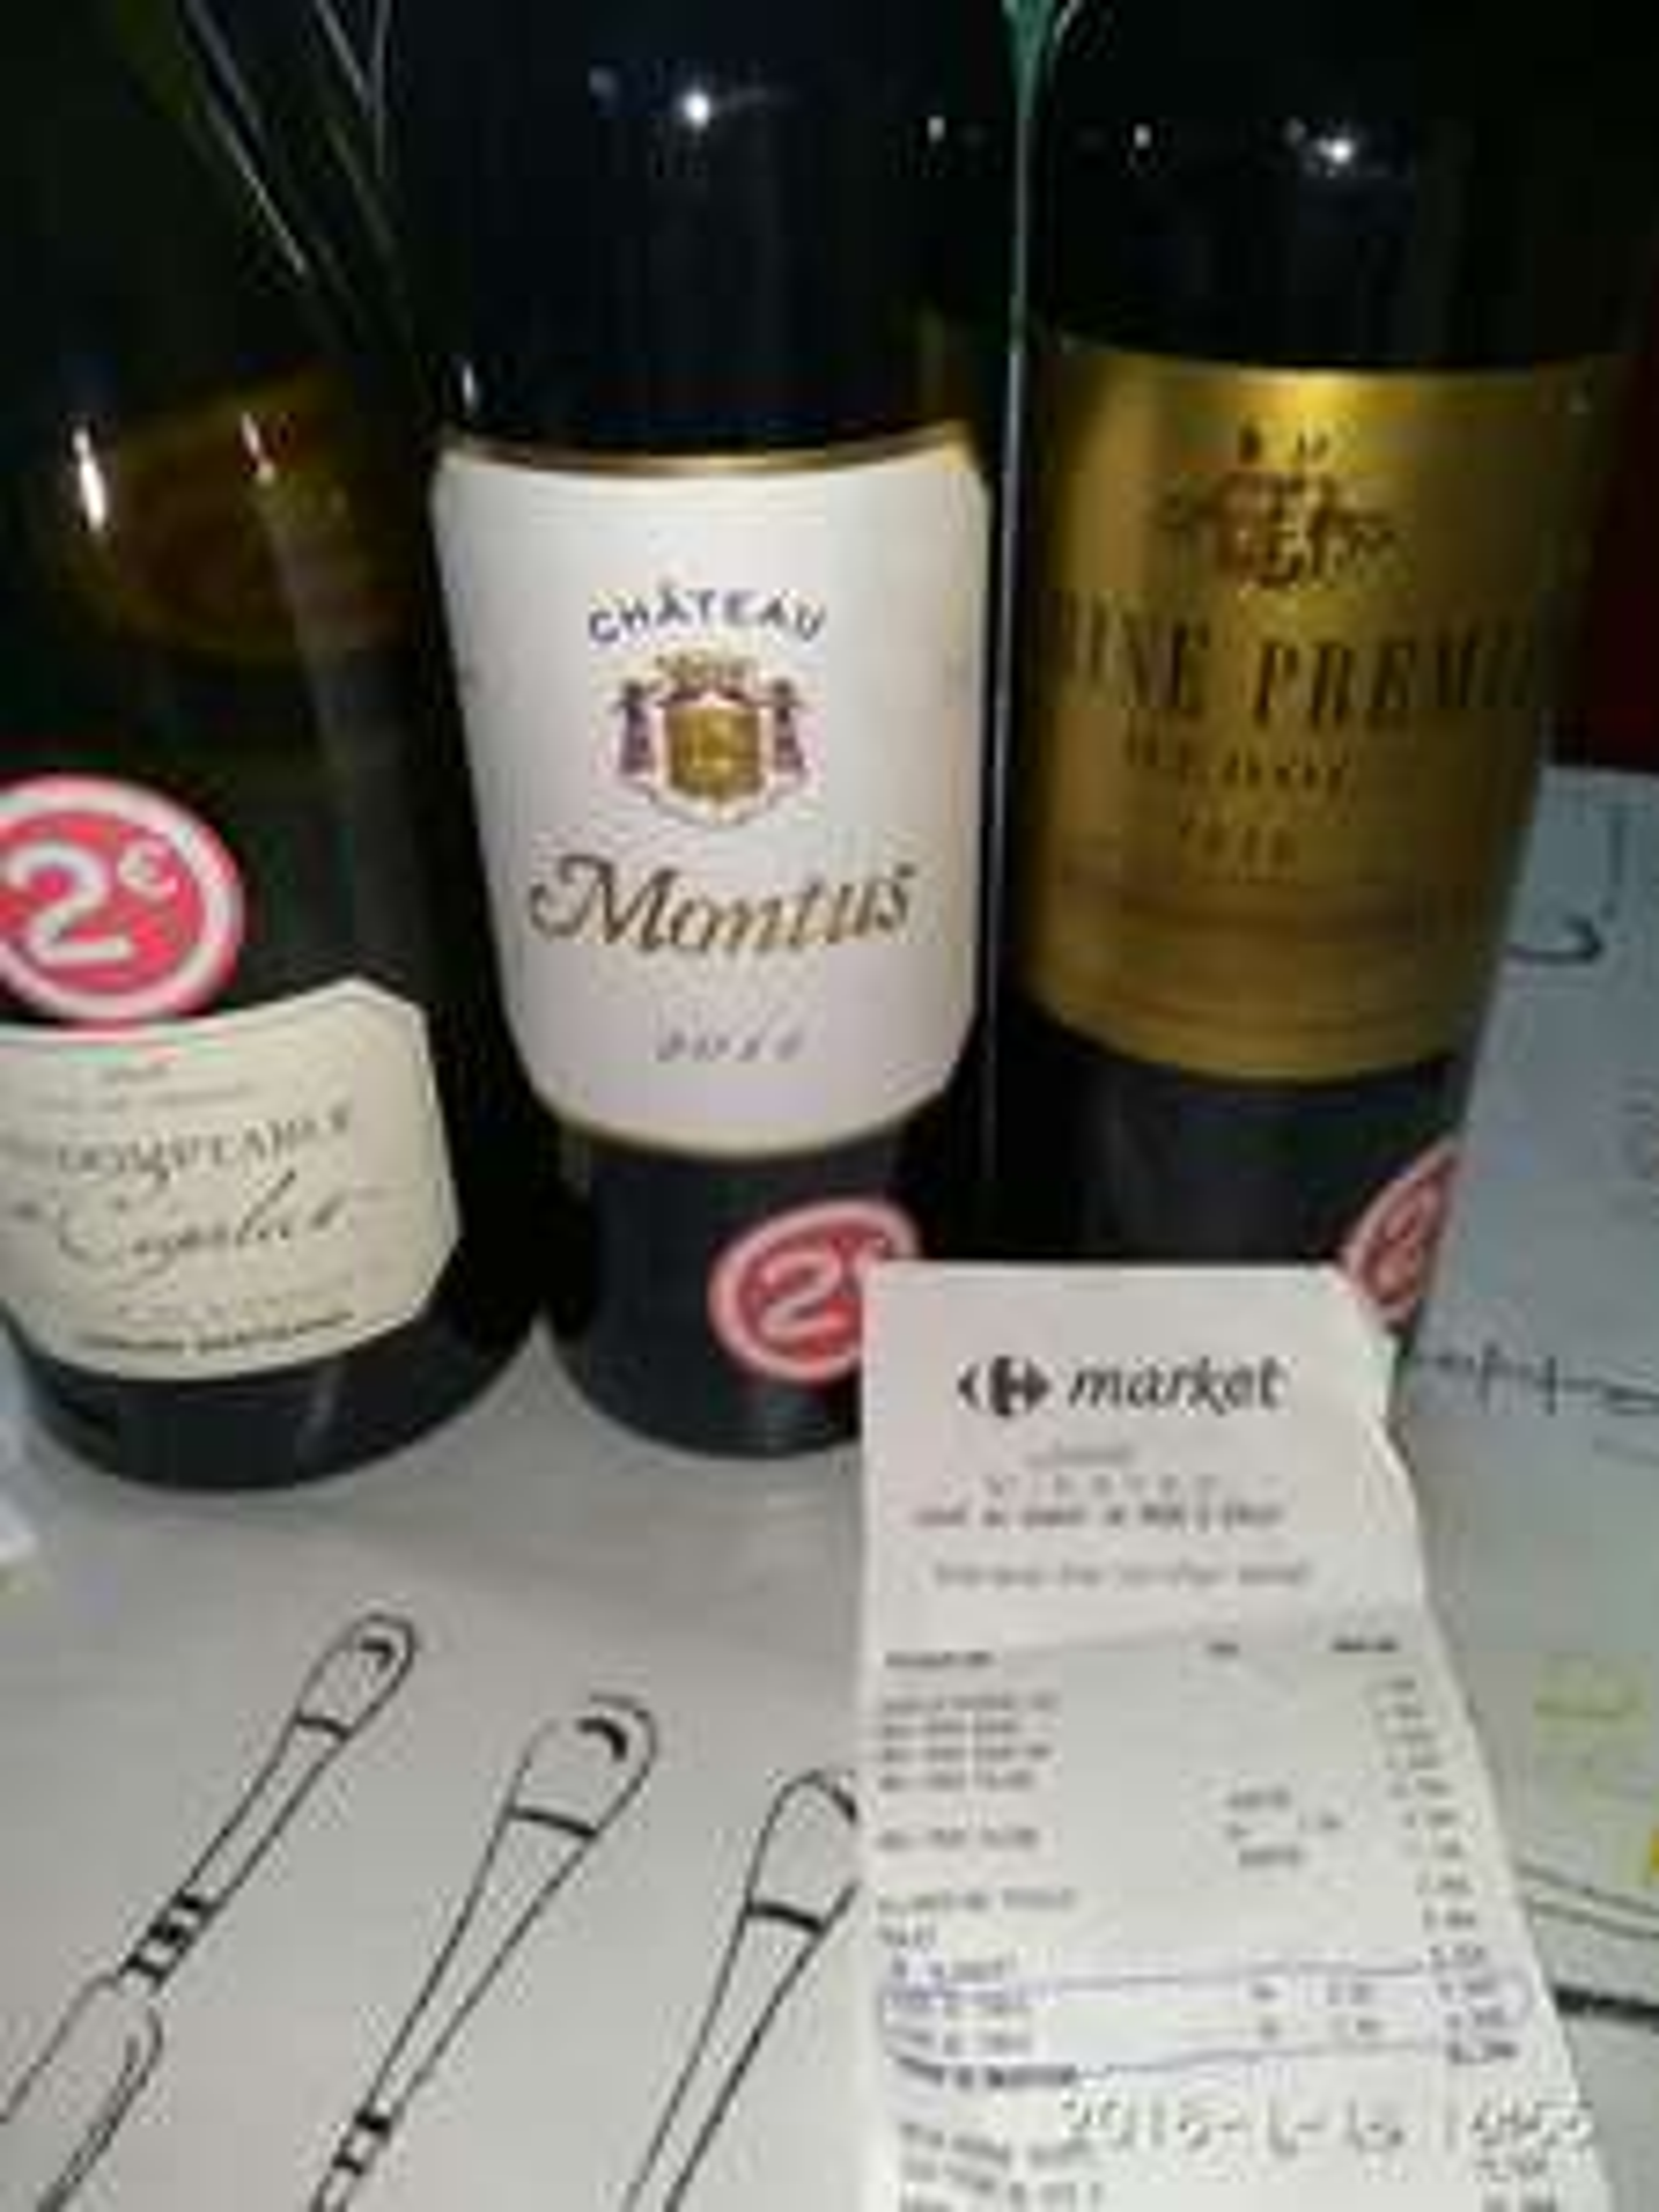 Sélection de bouteilles de vin à 2€ - Ex : Château Montus (cuvée 2011) au Carrefour Market Luzarches (95)